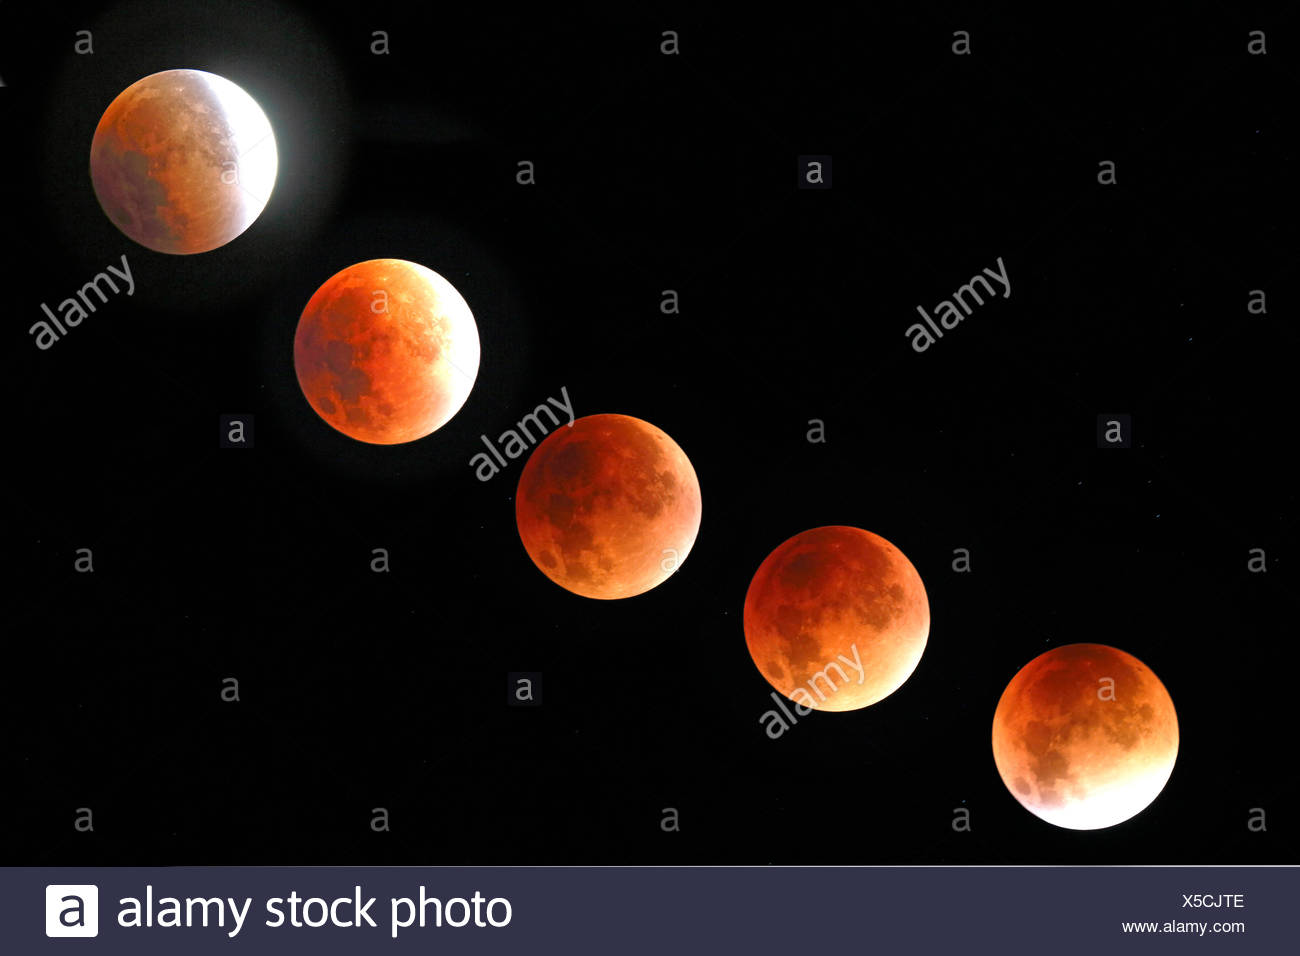 Mondfinsternis am 28.09.2015 in der Zeit von 4:19 Uhr bis 5:35 Uhr, Deutschland, Nordrhein-Westfalen, Haan   lunar eclipse at 28 - Stock Image